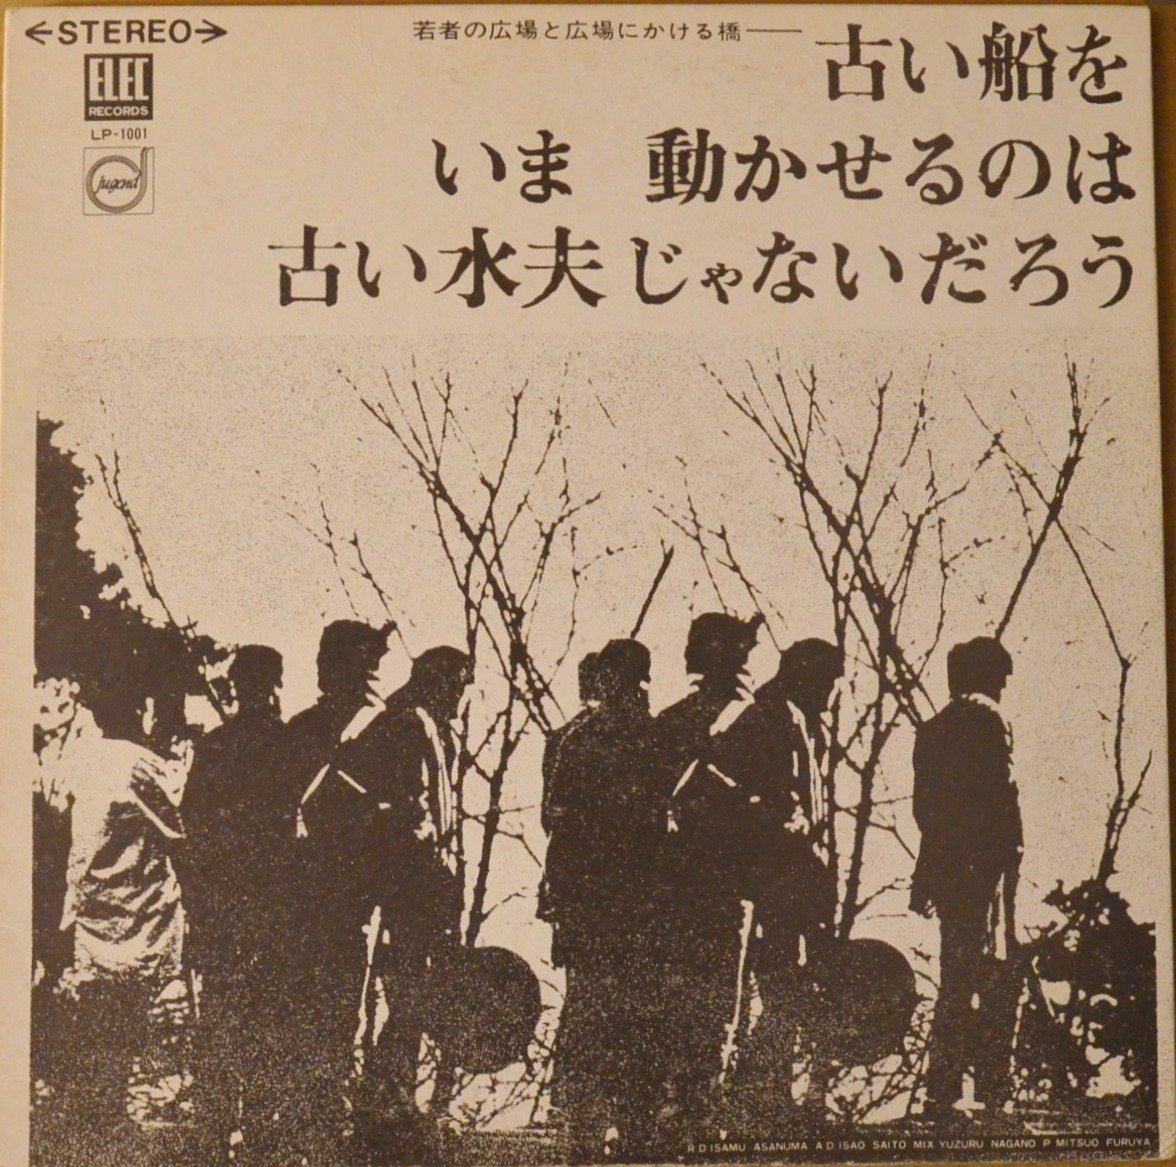 広島フォーク村 (吉田拓郎・よしだたくろう) / 古い船をいま動かせるのは古い水夫じゃないだろう (若者の広場と広場にかける橋) (LP)